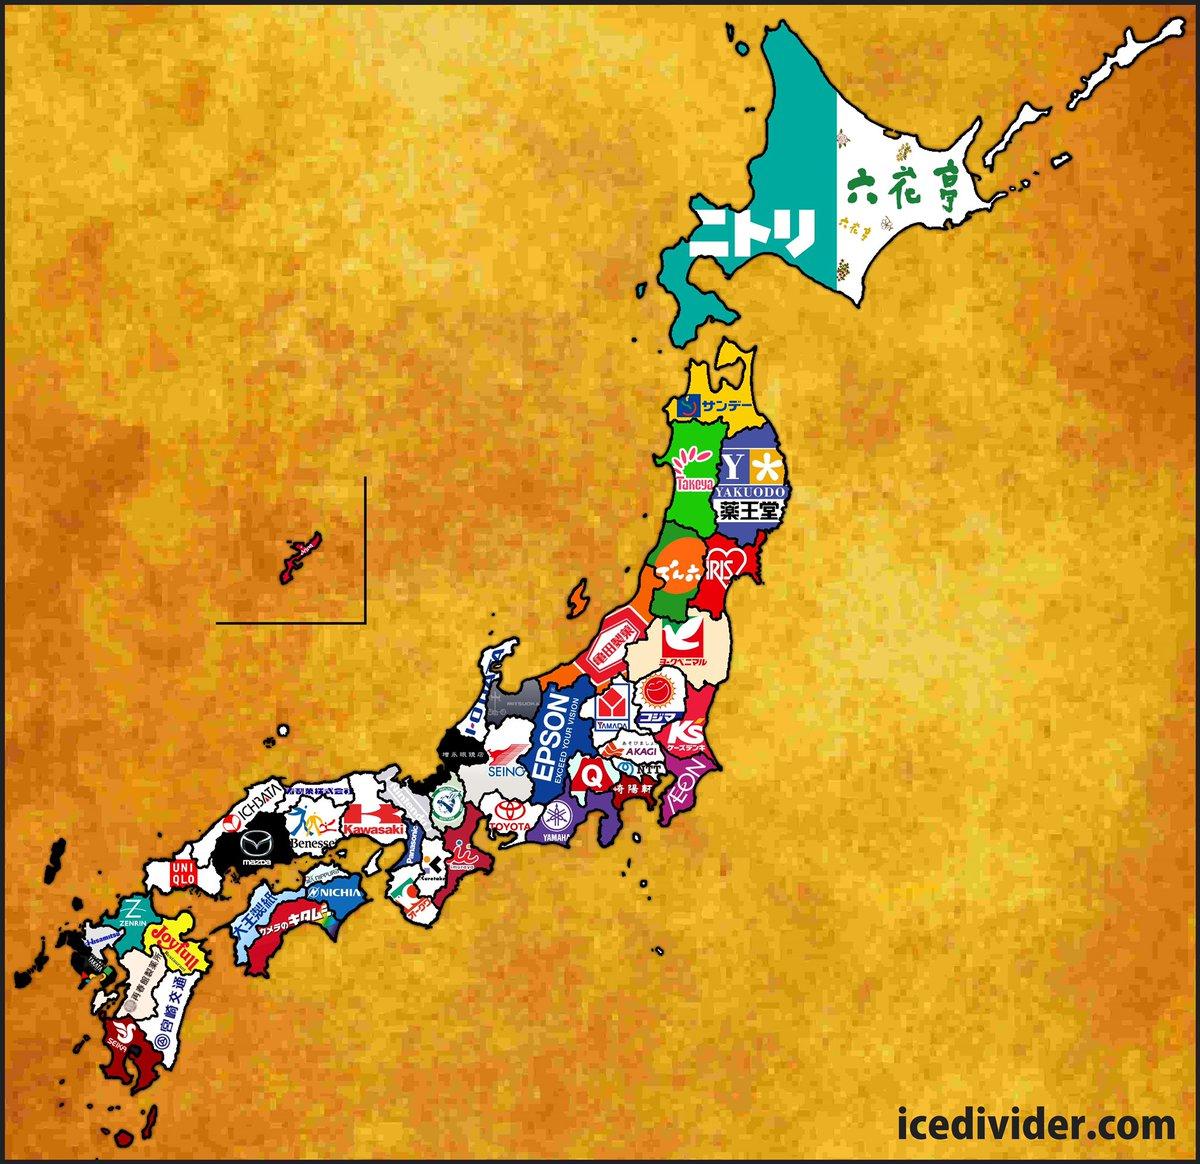 子供向けの覚えやすそうな日本地図探してたらおもろそうな地図見つけたwww